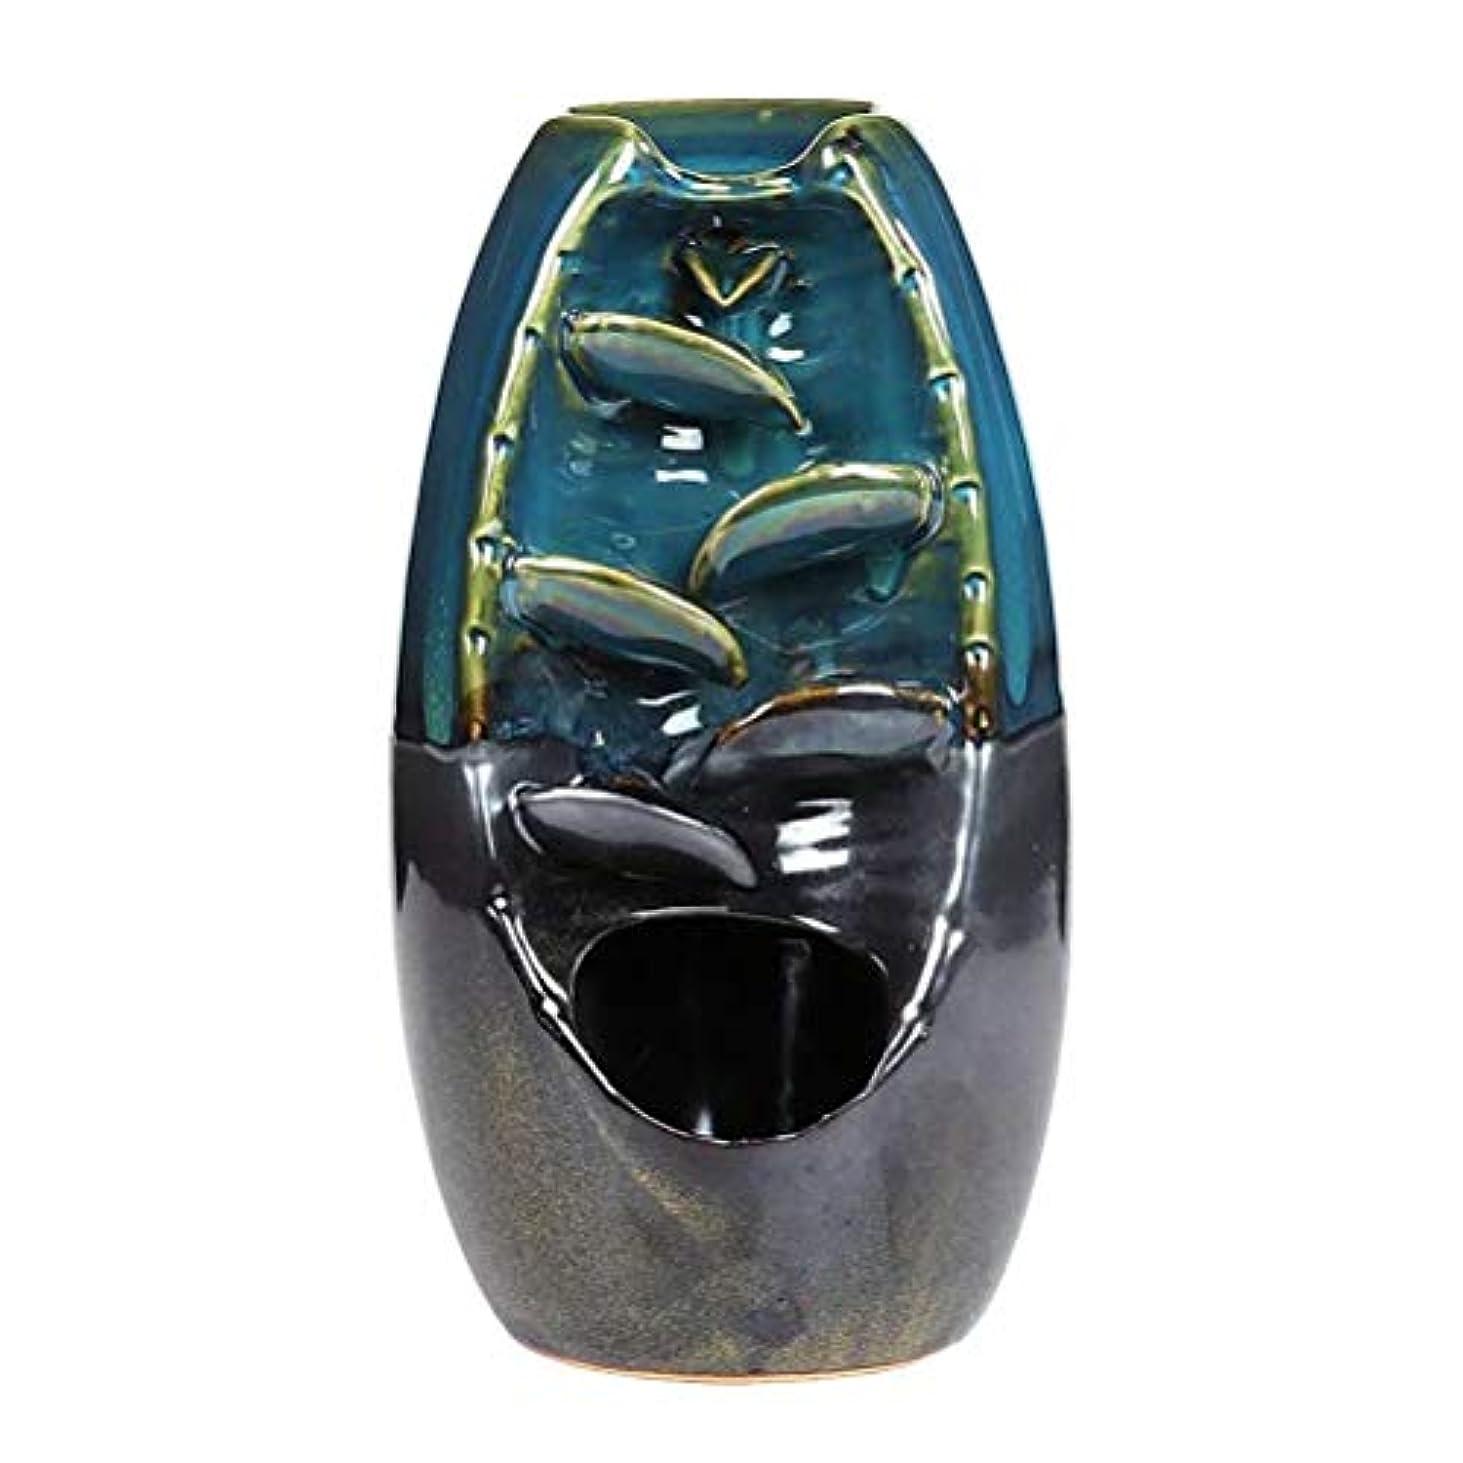 病弱タイプダーリンVosarea 逆流香バーナー滝香ホルダーアロマ飾り仏教用品(青)